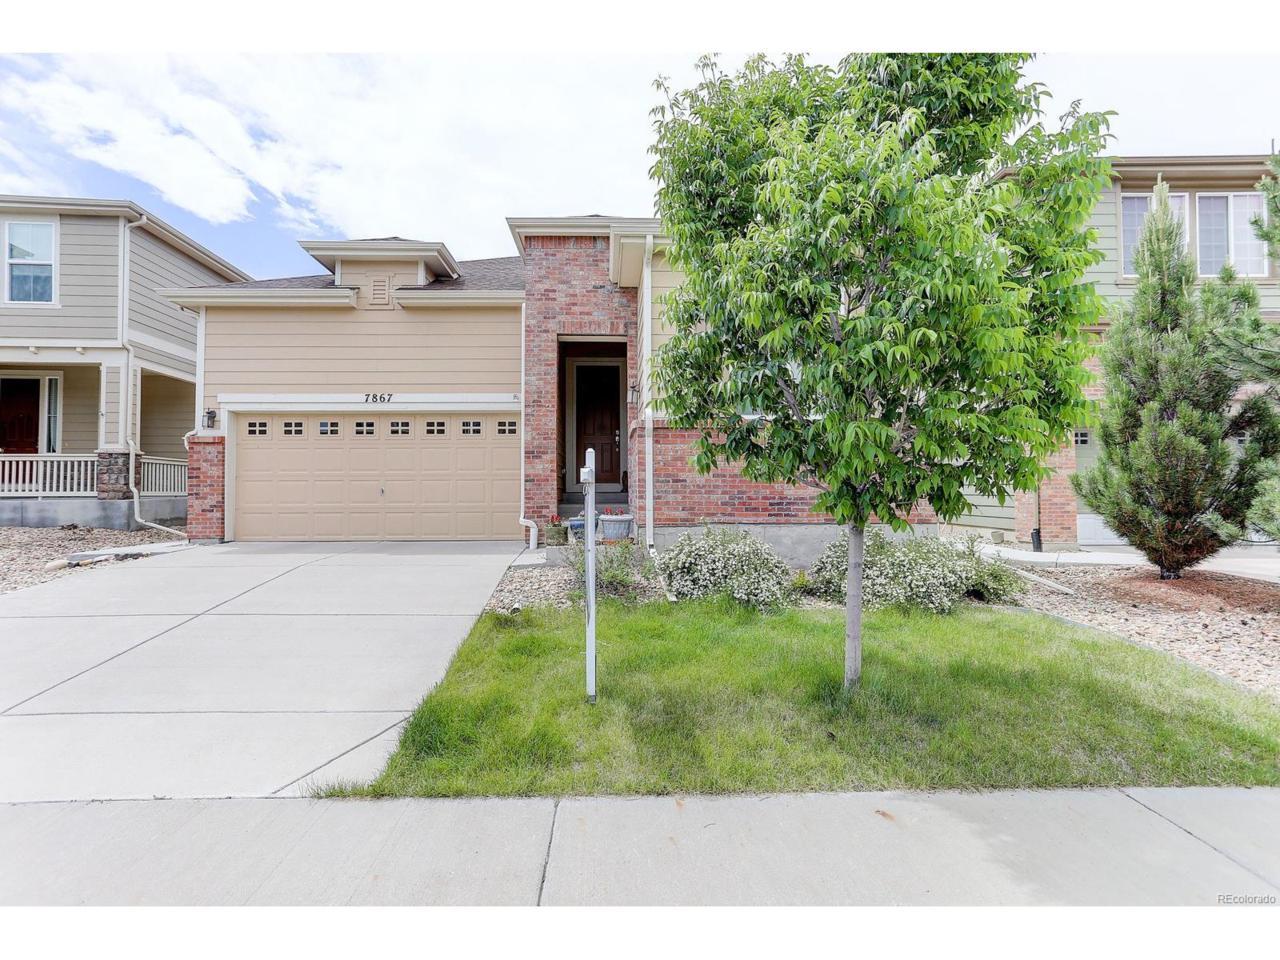 7867 S Joplin Court, Englewood, CO 80112 (MLS #3538744) :: 8z Real Estate